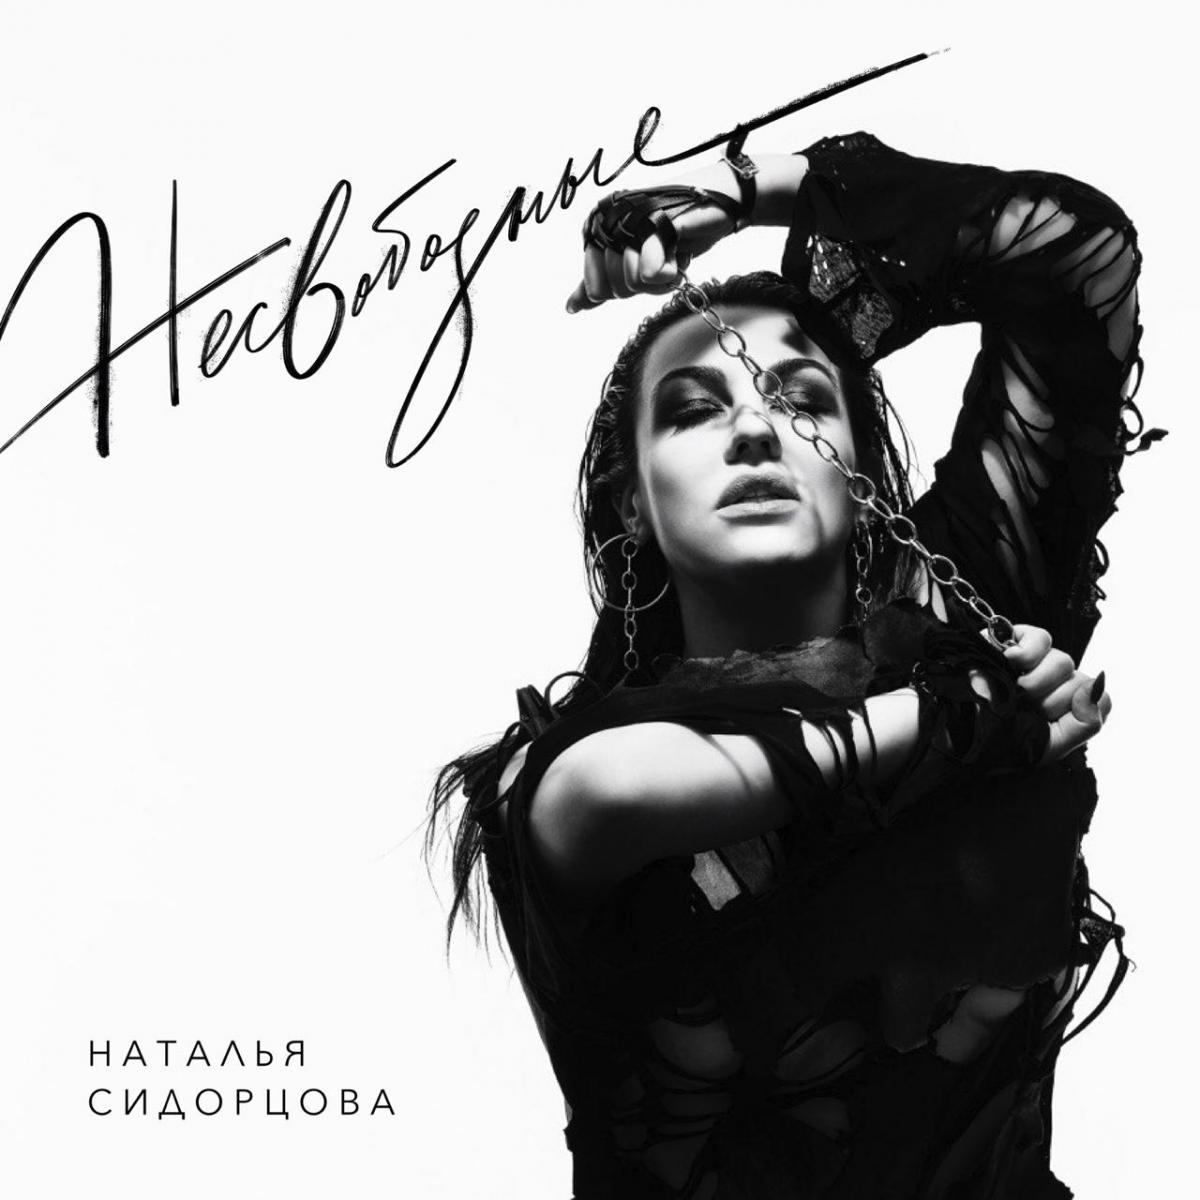 Признание Натальи Сидорцовой в дебютном альбоме «Несвободные»